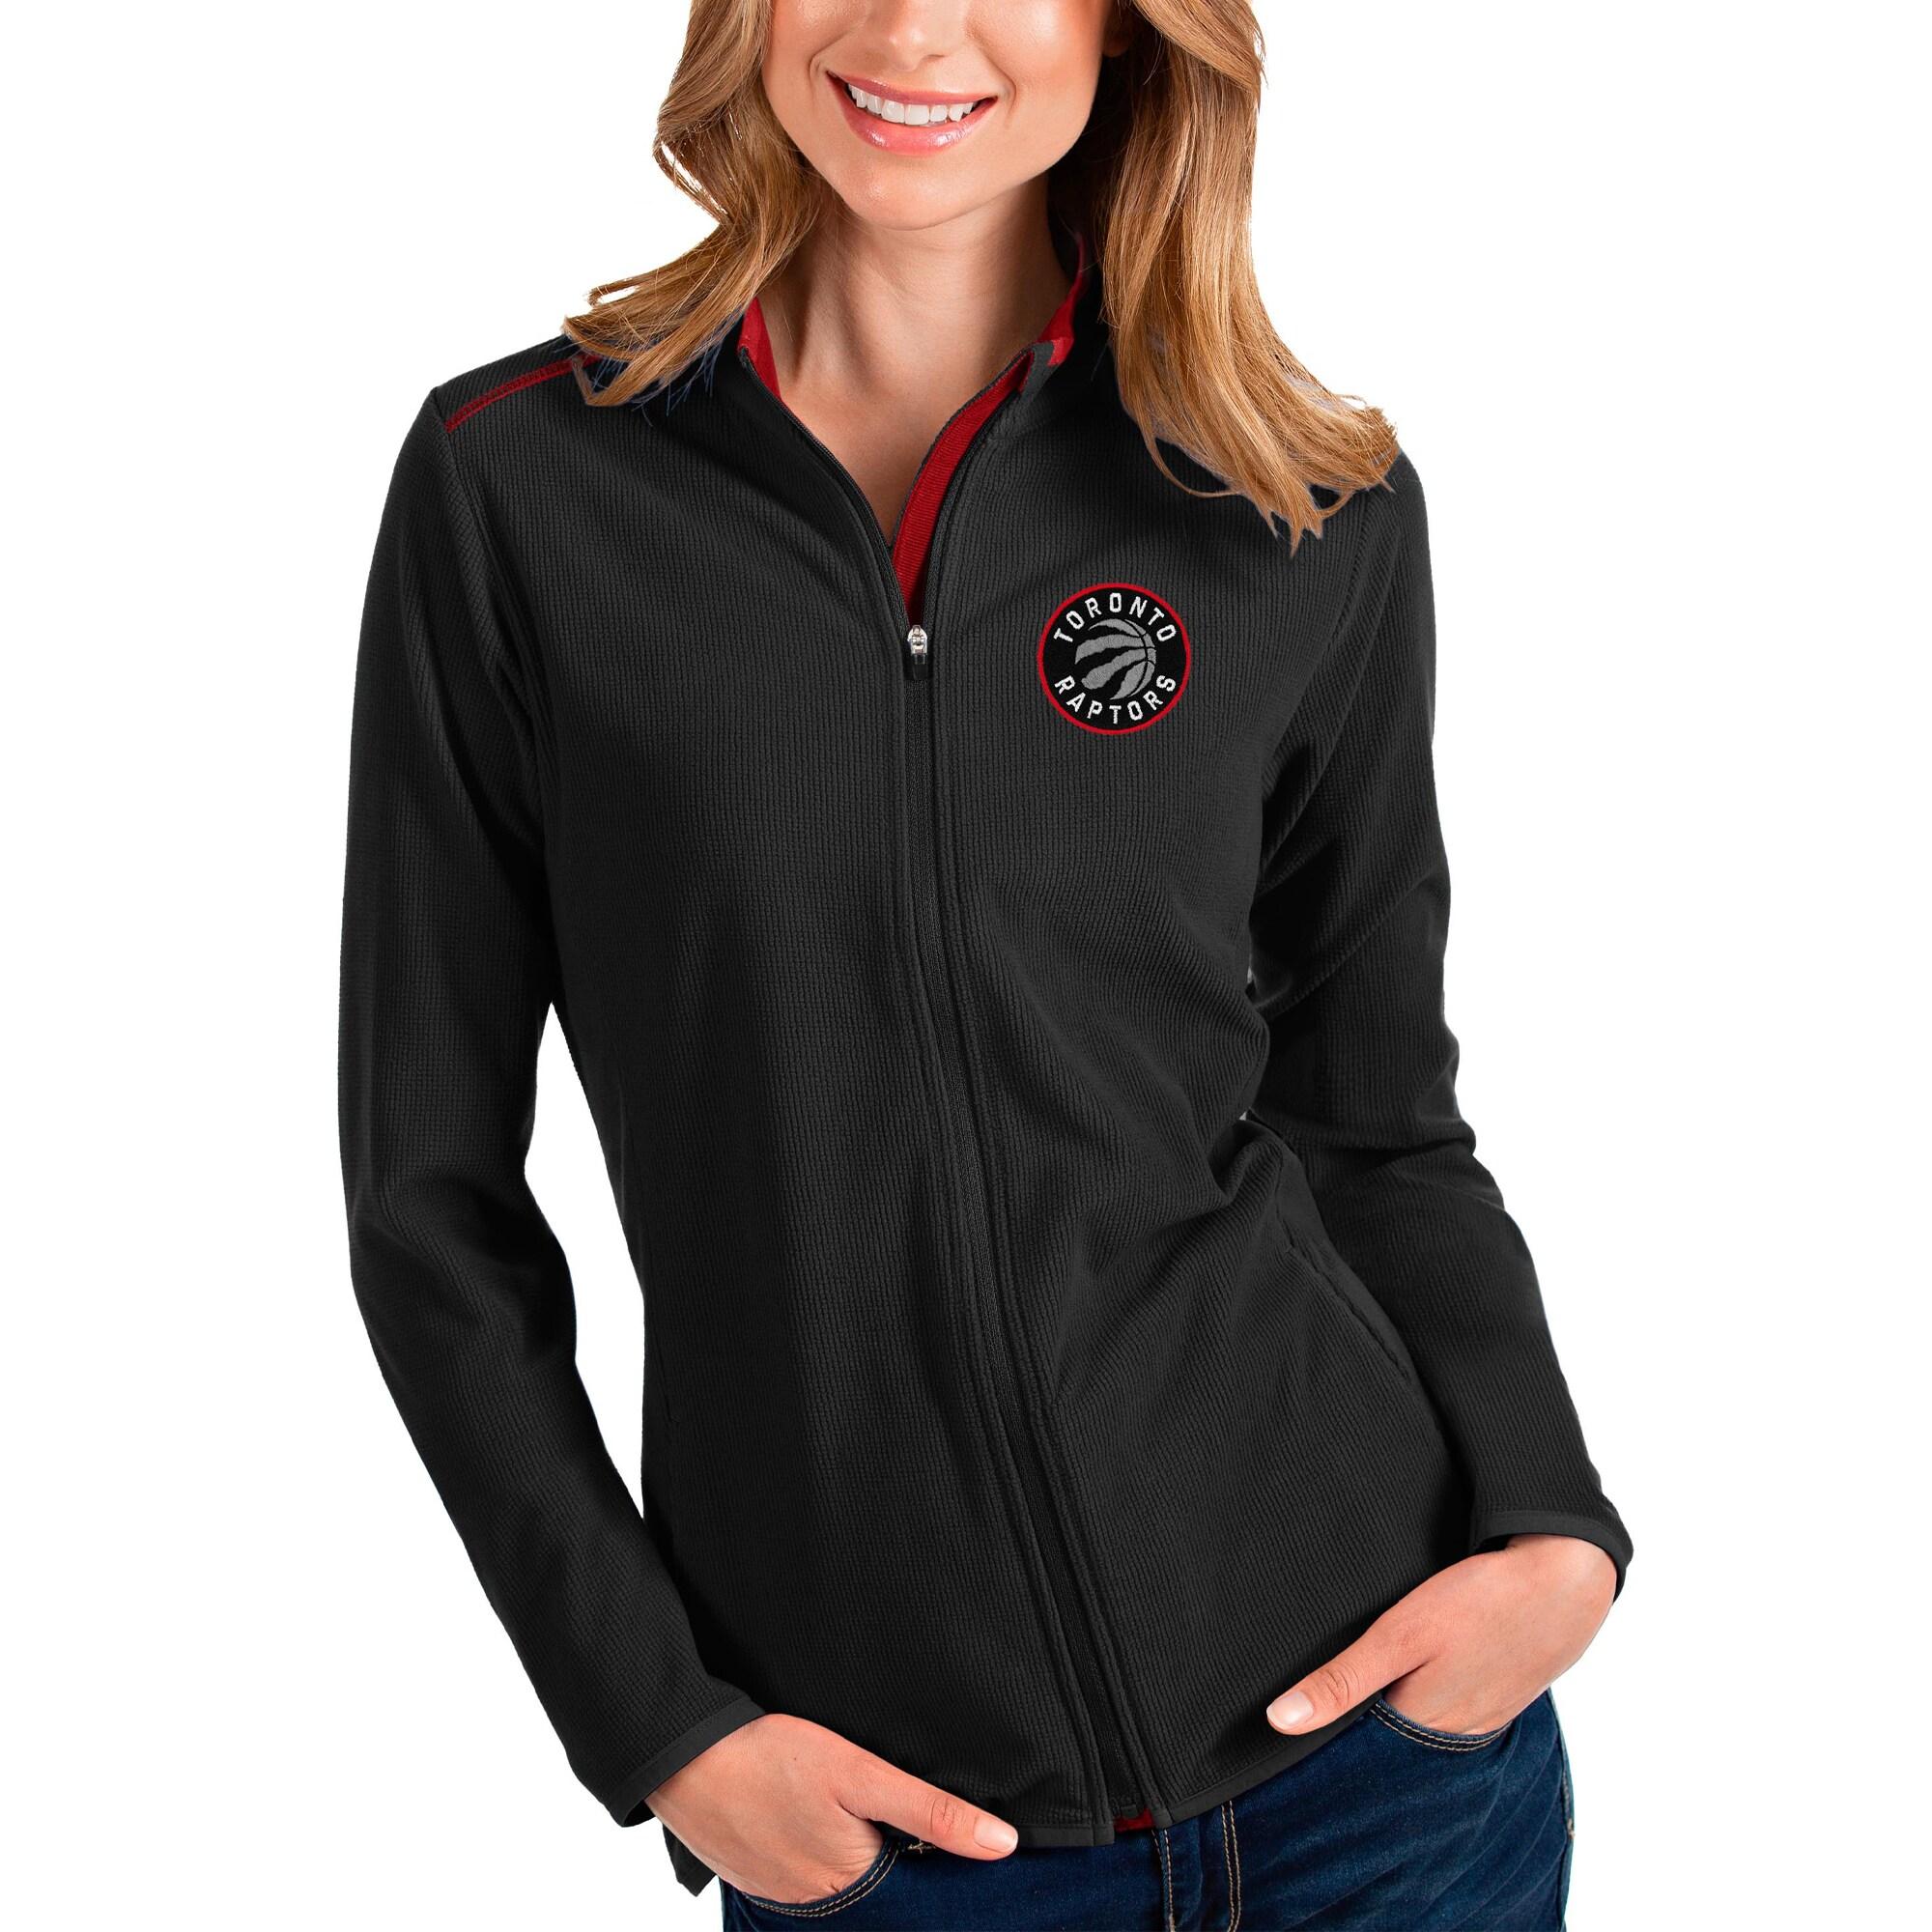 Toronto Raptors Antigua Women's Glacier Full-Zip Jacket - Black/Red